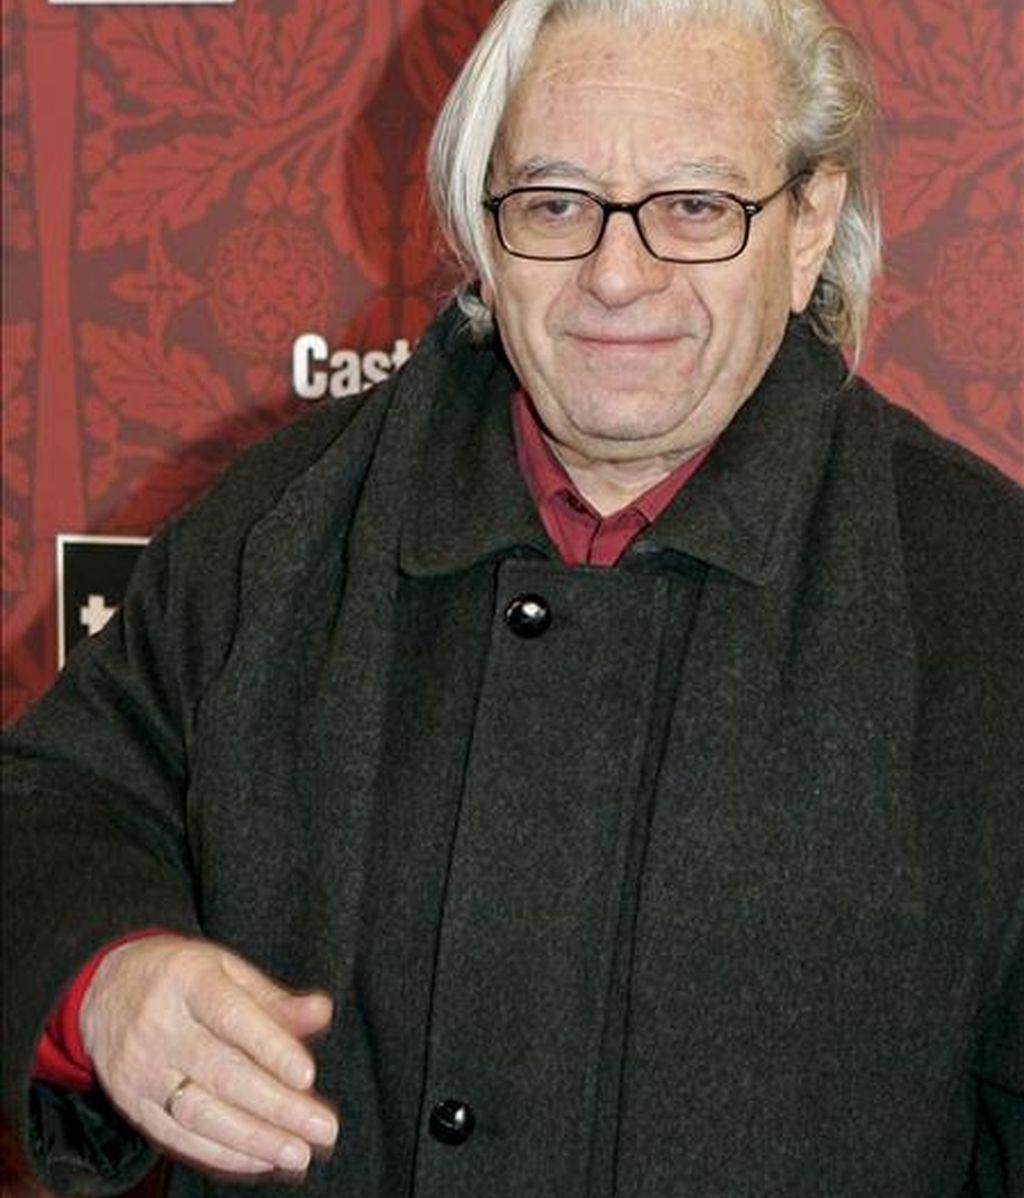 Fotografía de archivo fechada en Madrid el 1 de febrero de 2007 del realizador Antonio Mercero. EFE/Archivo